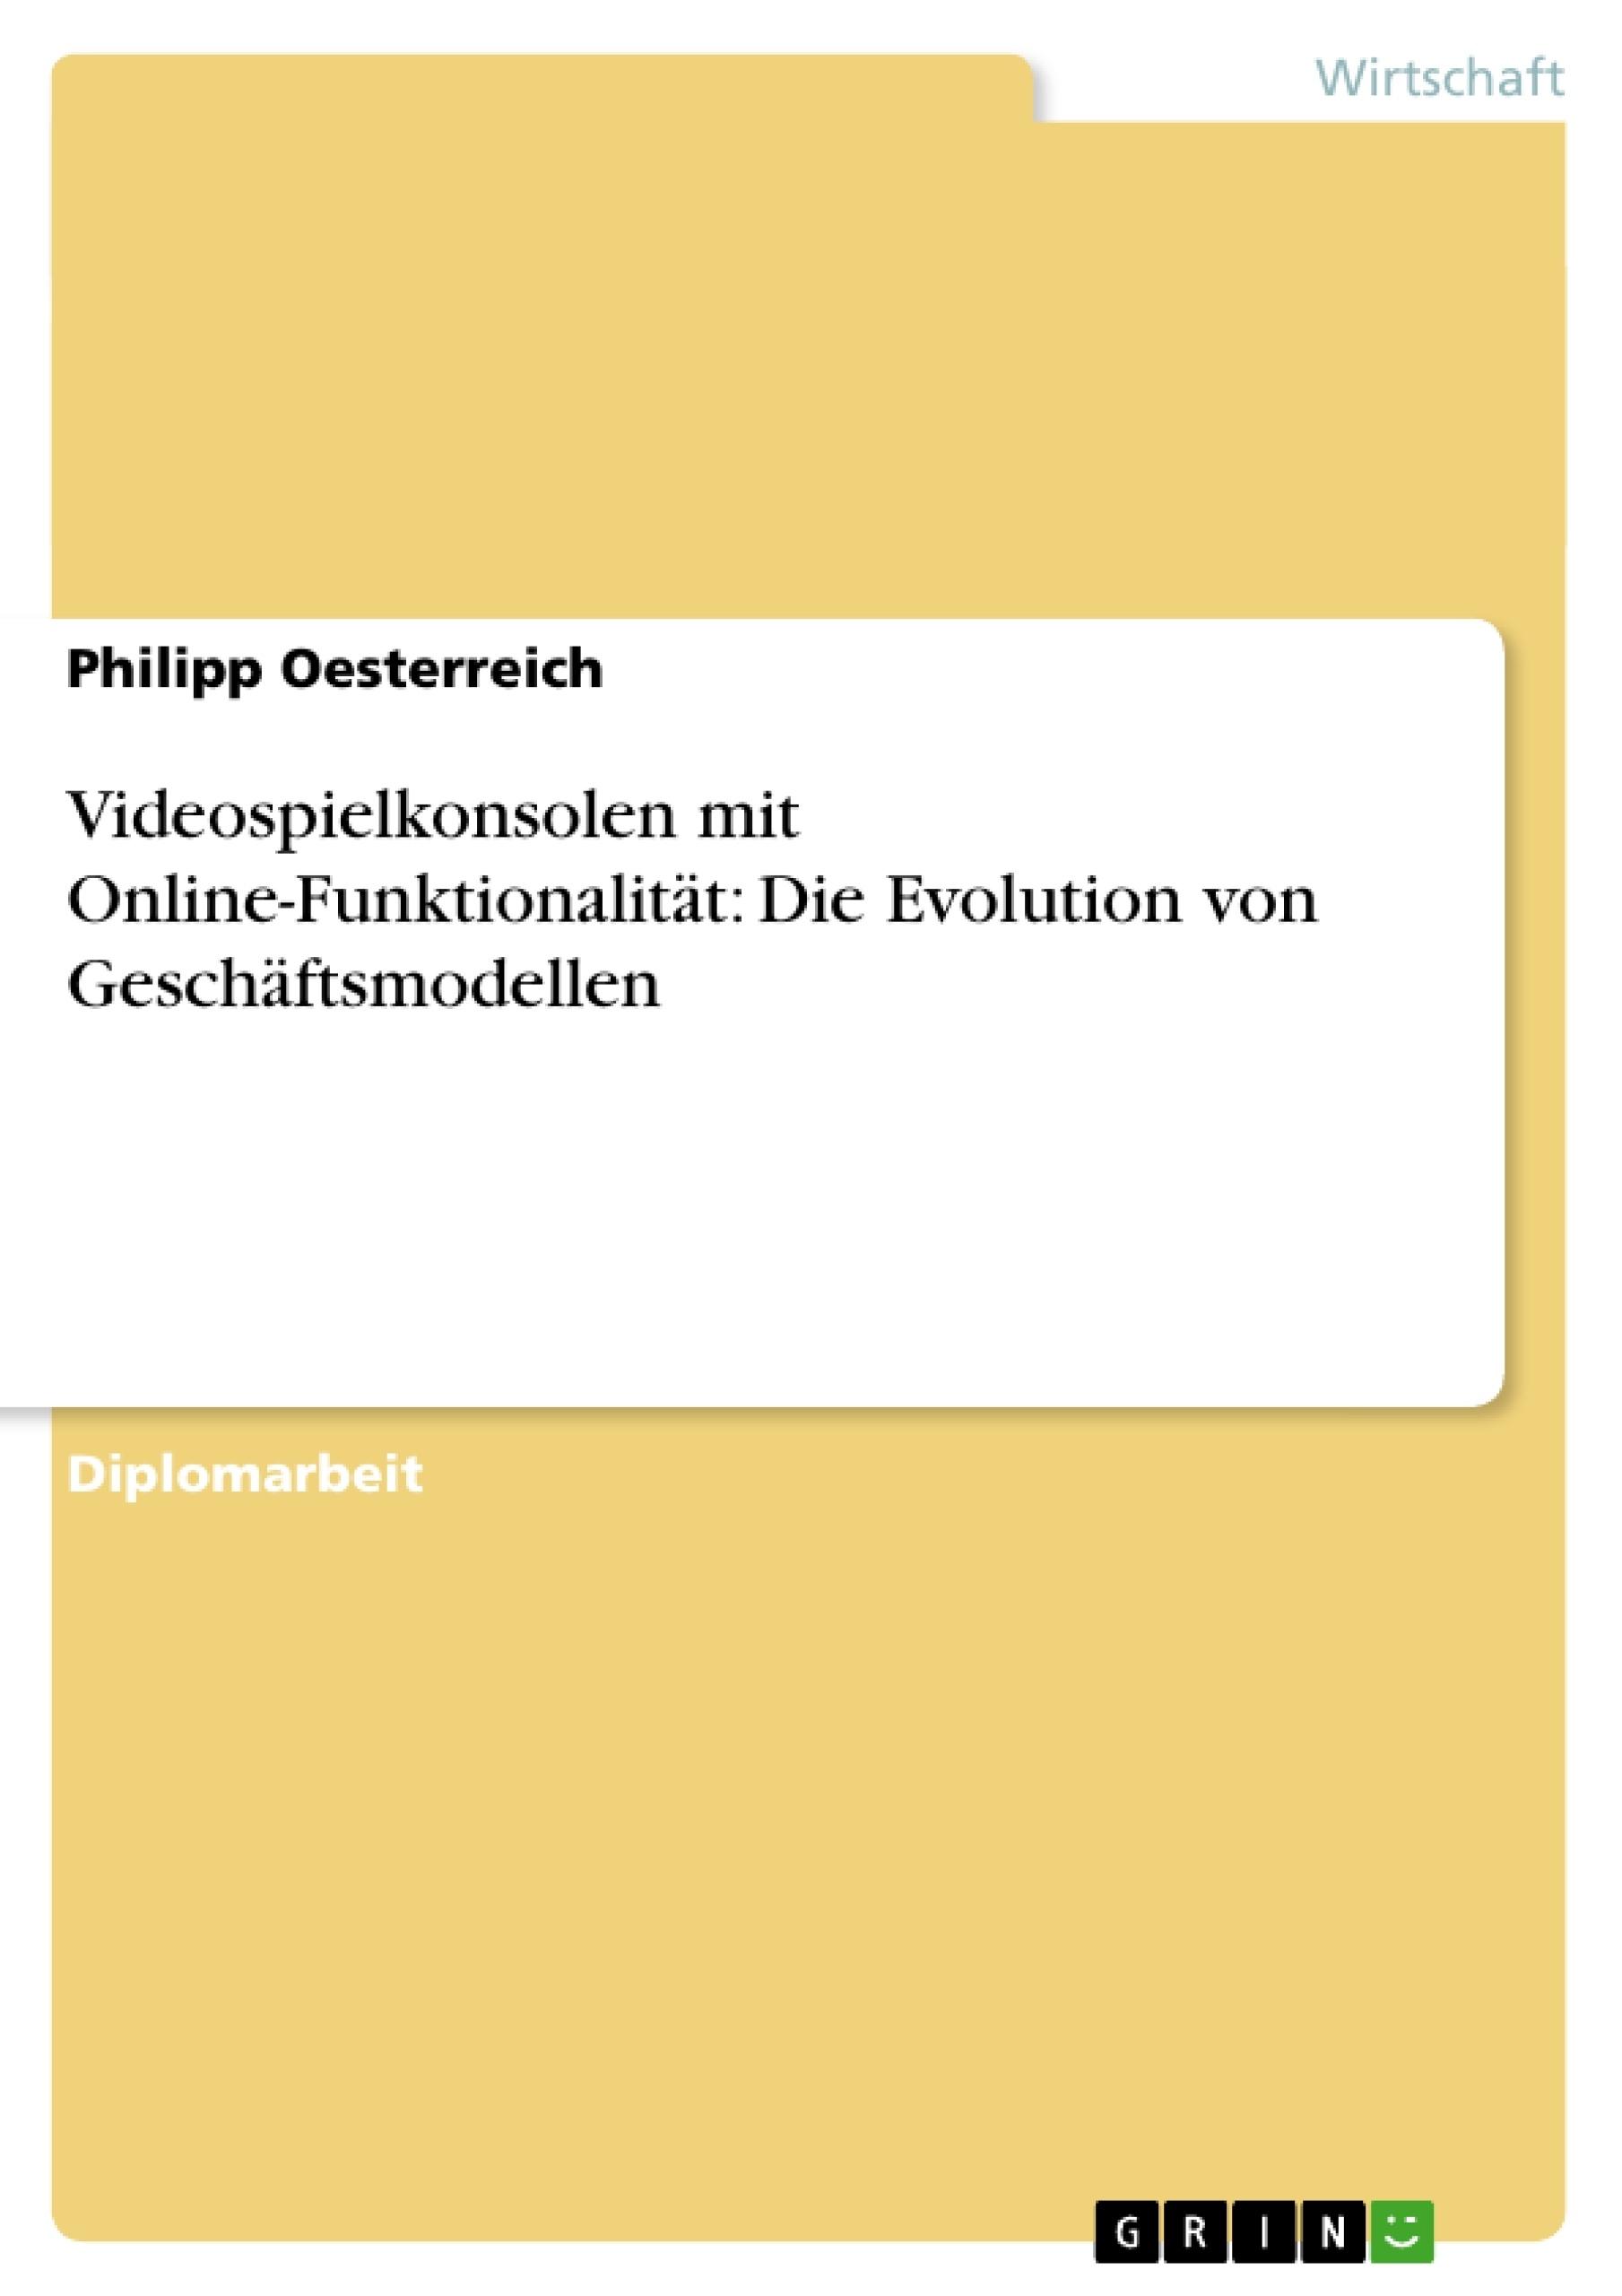 Titel: Videospielkonsolen mit Online-Funktionalität: Die Evolution von Geschäftsmodellen